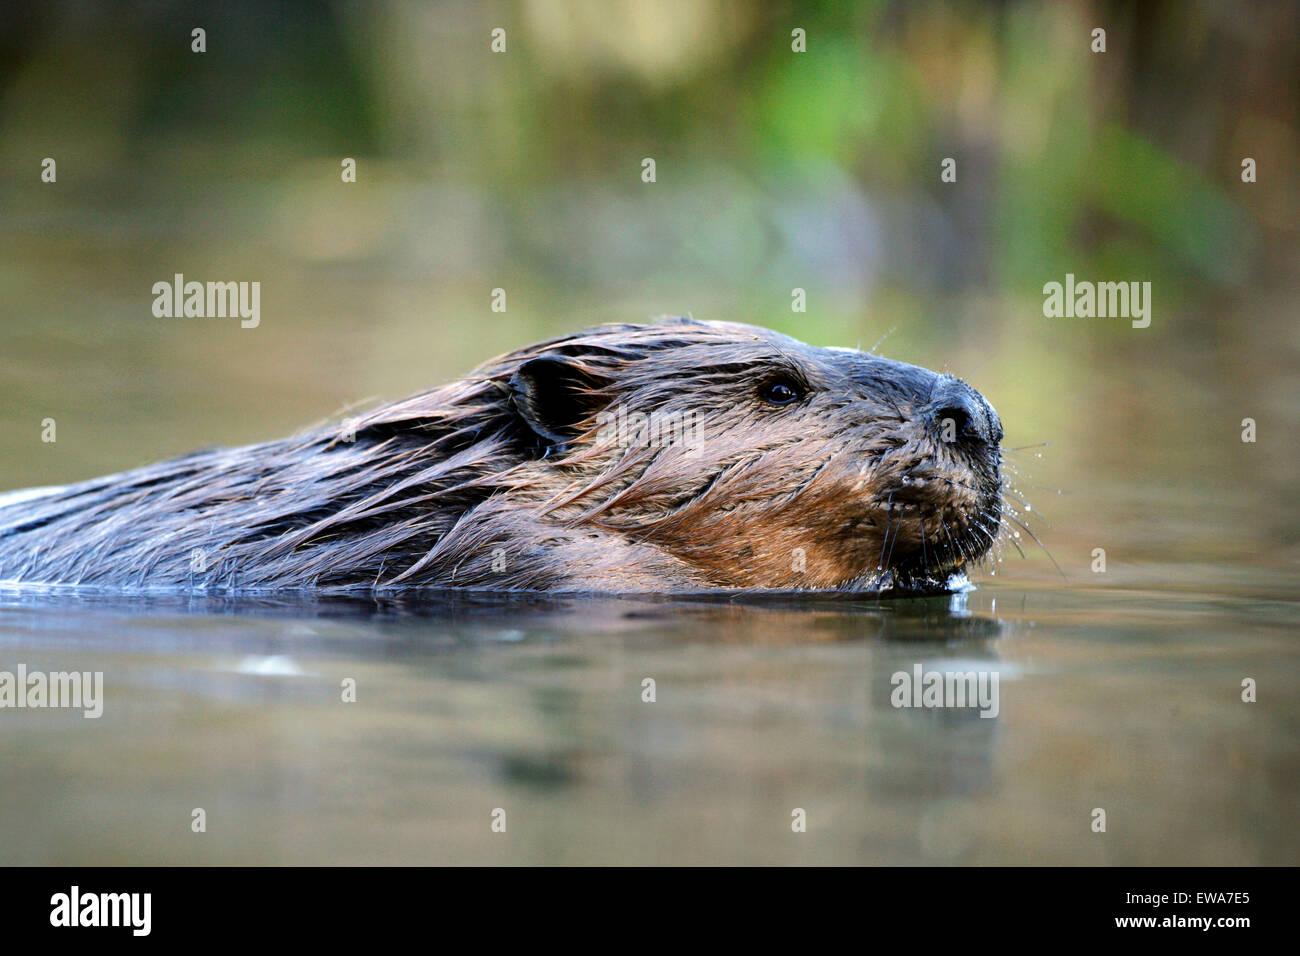 Biber große Erwachsene schwimmen im Teich, Porträt Nahaufnahme Stockbild